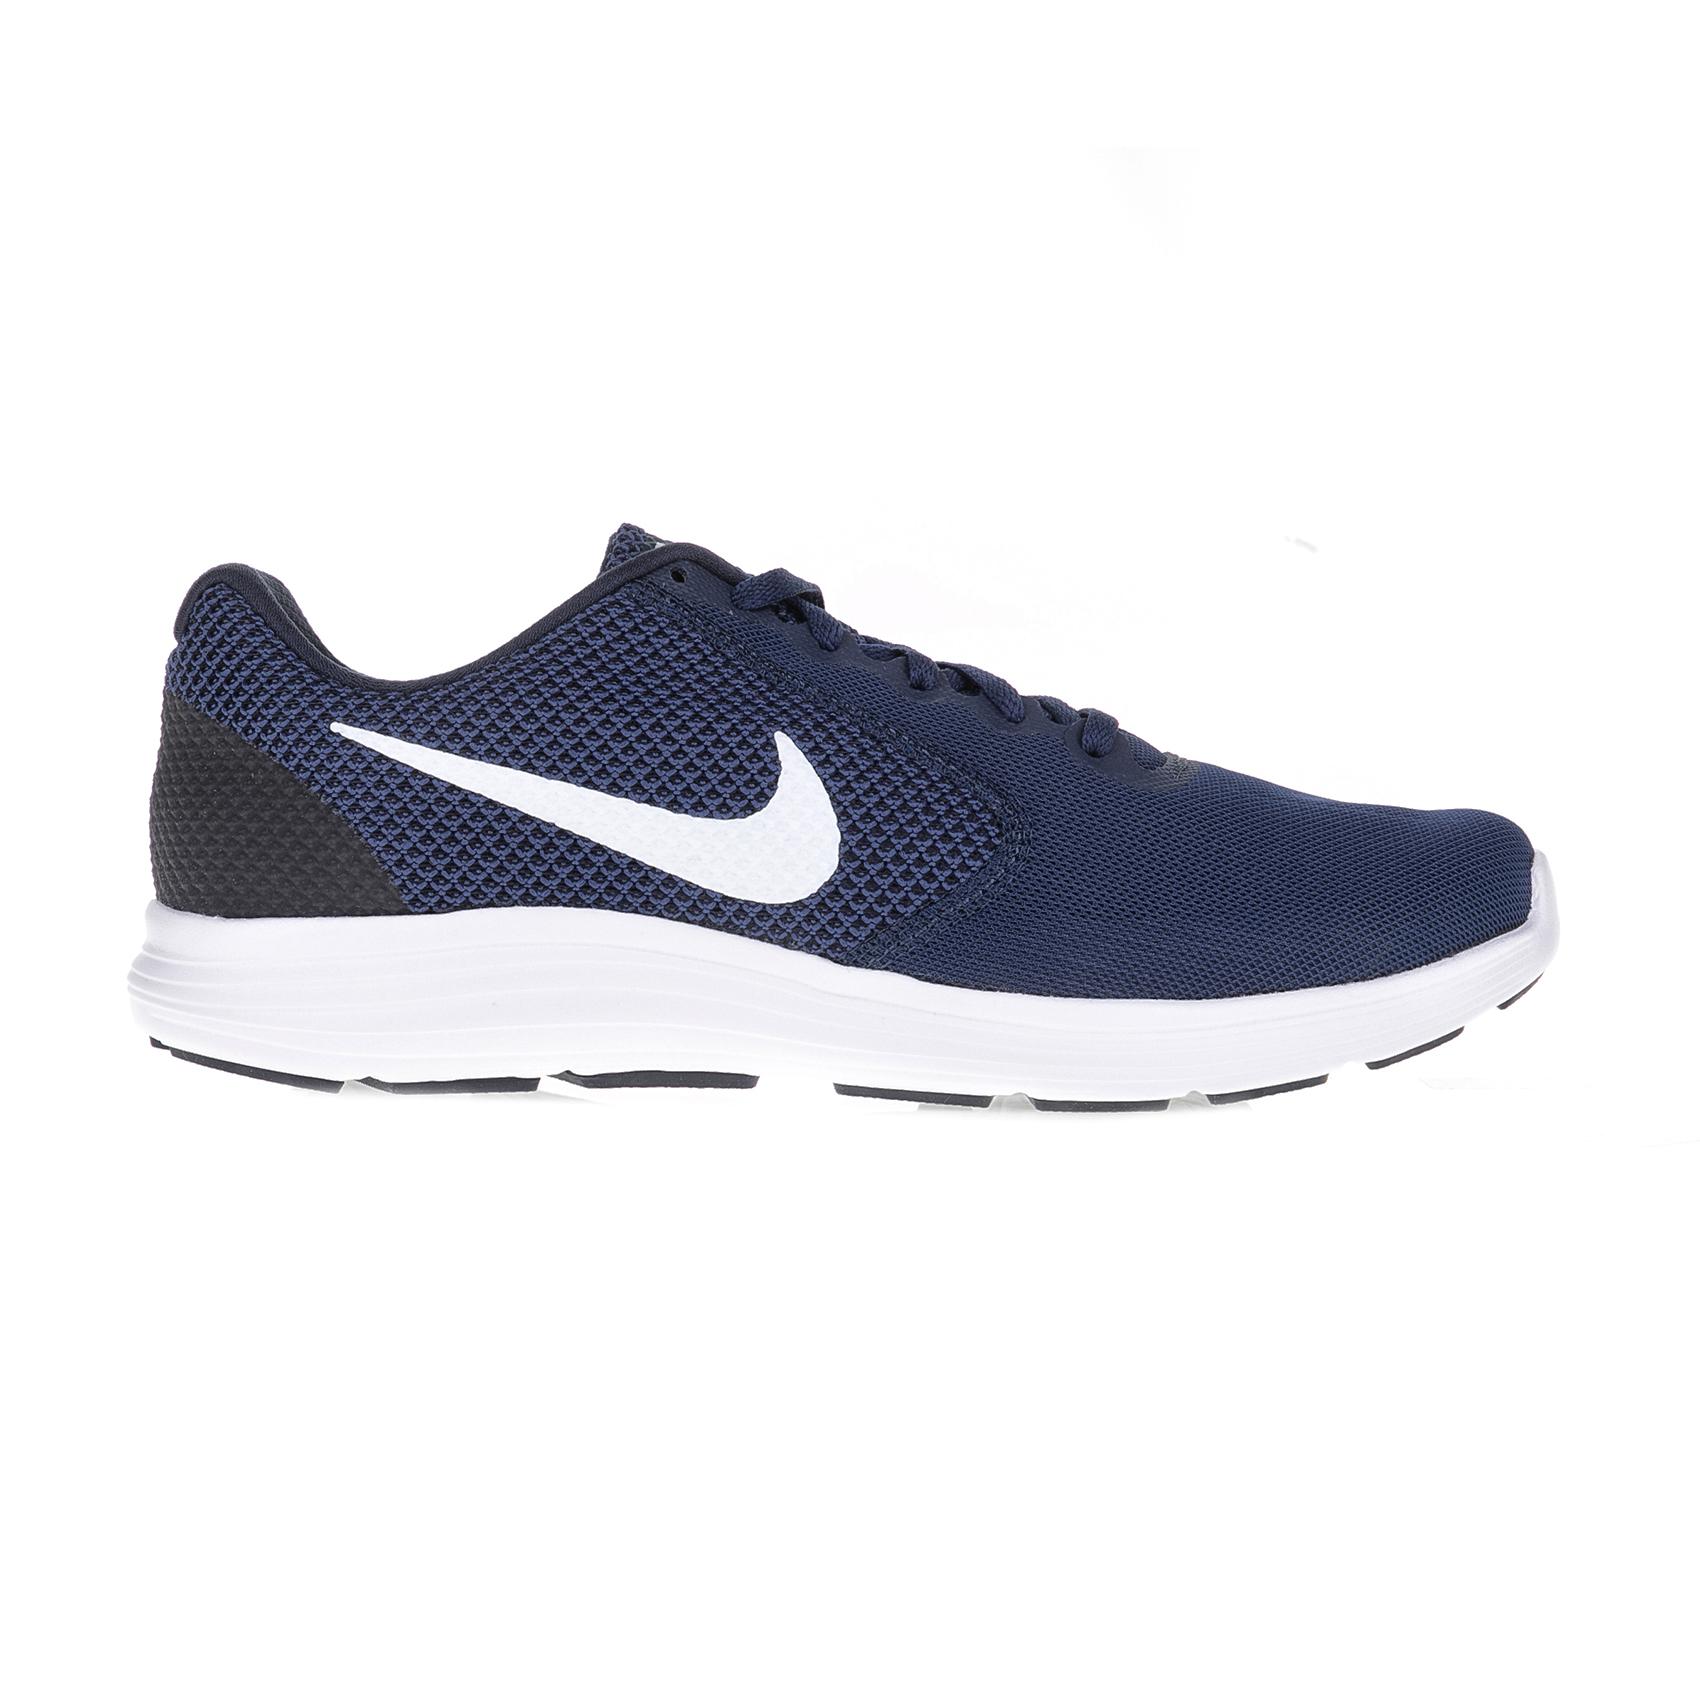 NIKE – Ανδρικά παπούτσια για τρέξιμο NIKE REVOLUTION 3 μπλε